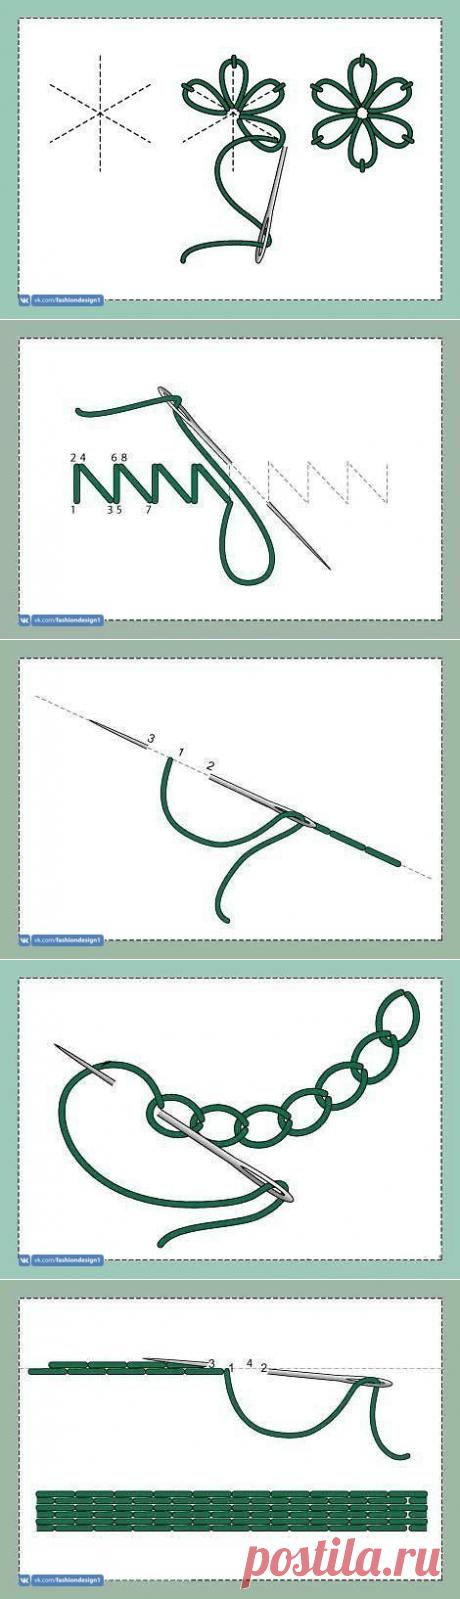 Замечательная подборка ручных швов — Сделай сам, идеи для творчества - DIY Ideas